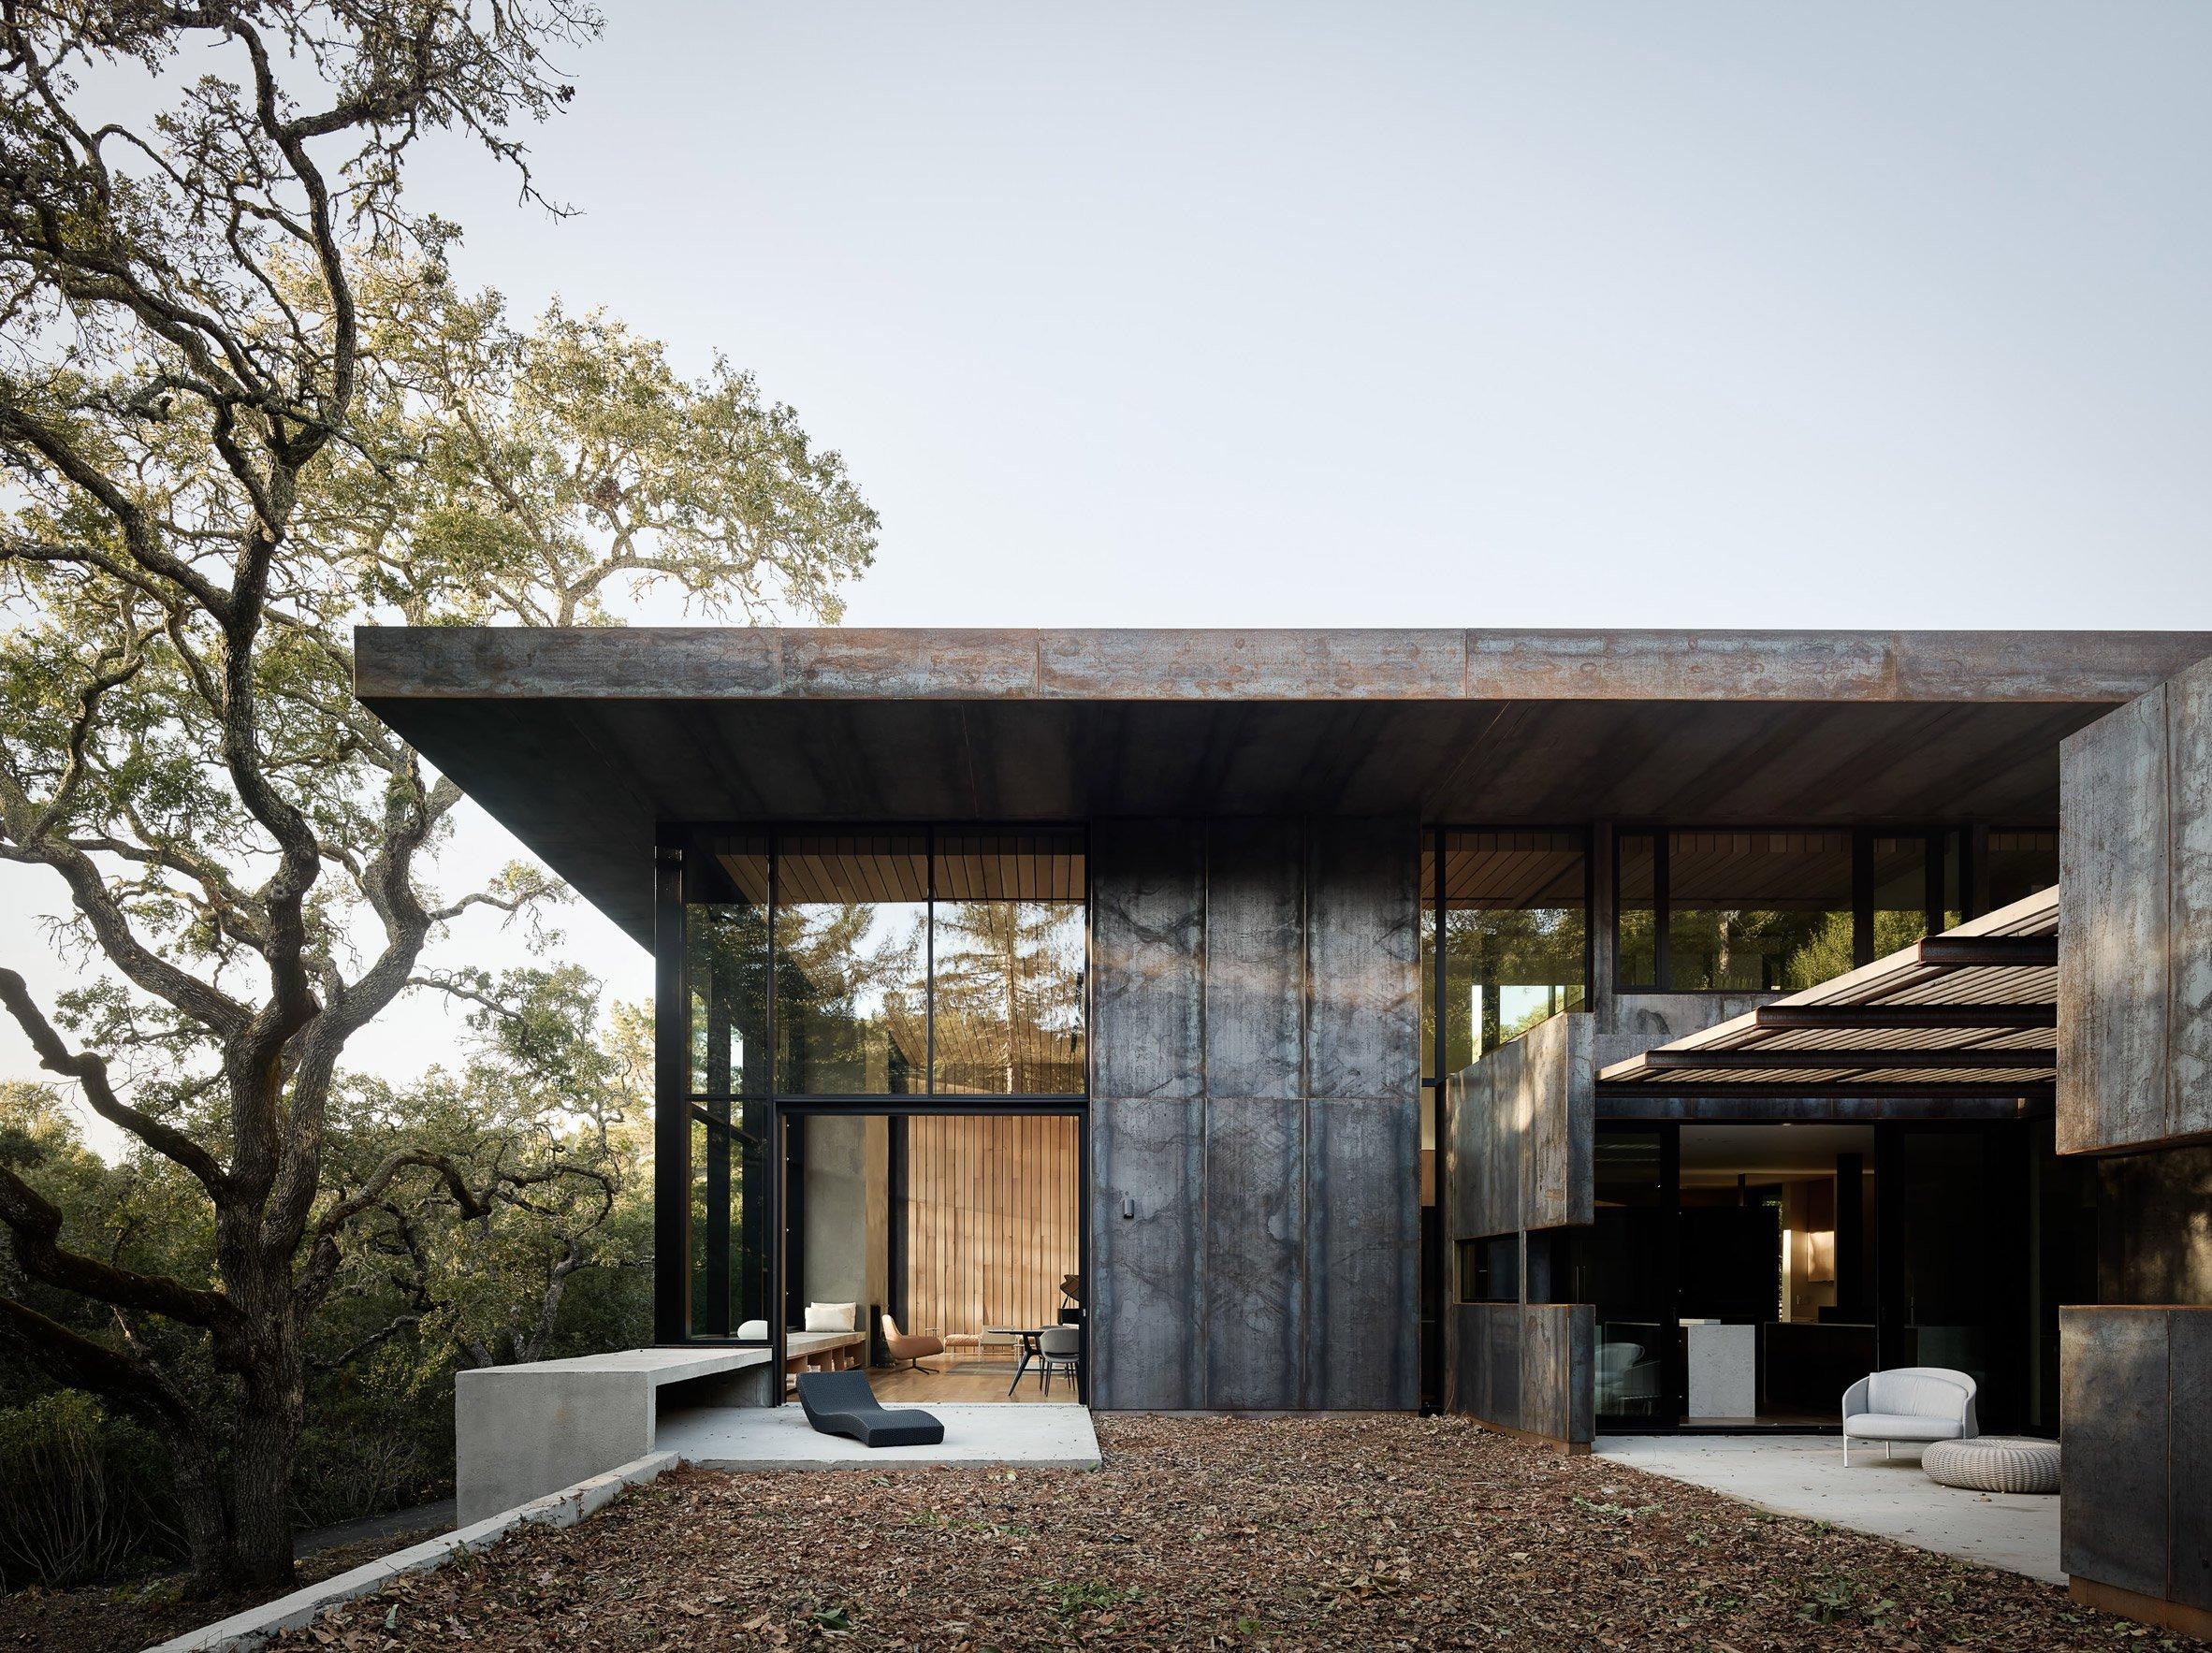 Soffitti Alti 4 Metri : Una casa in acciaio e legno completamente sostenibile u idealista news